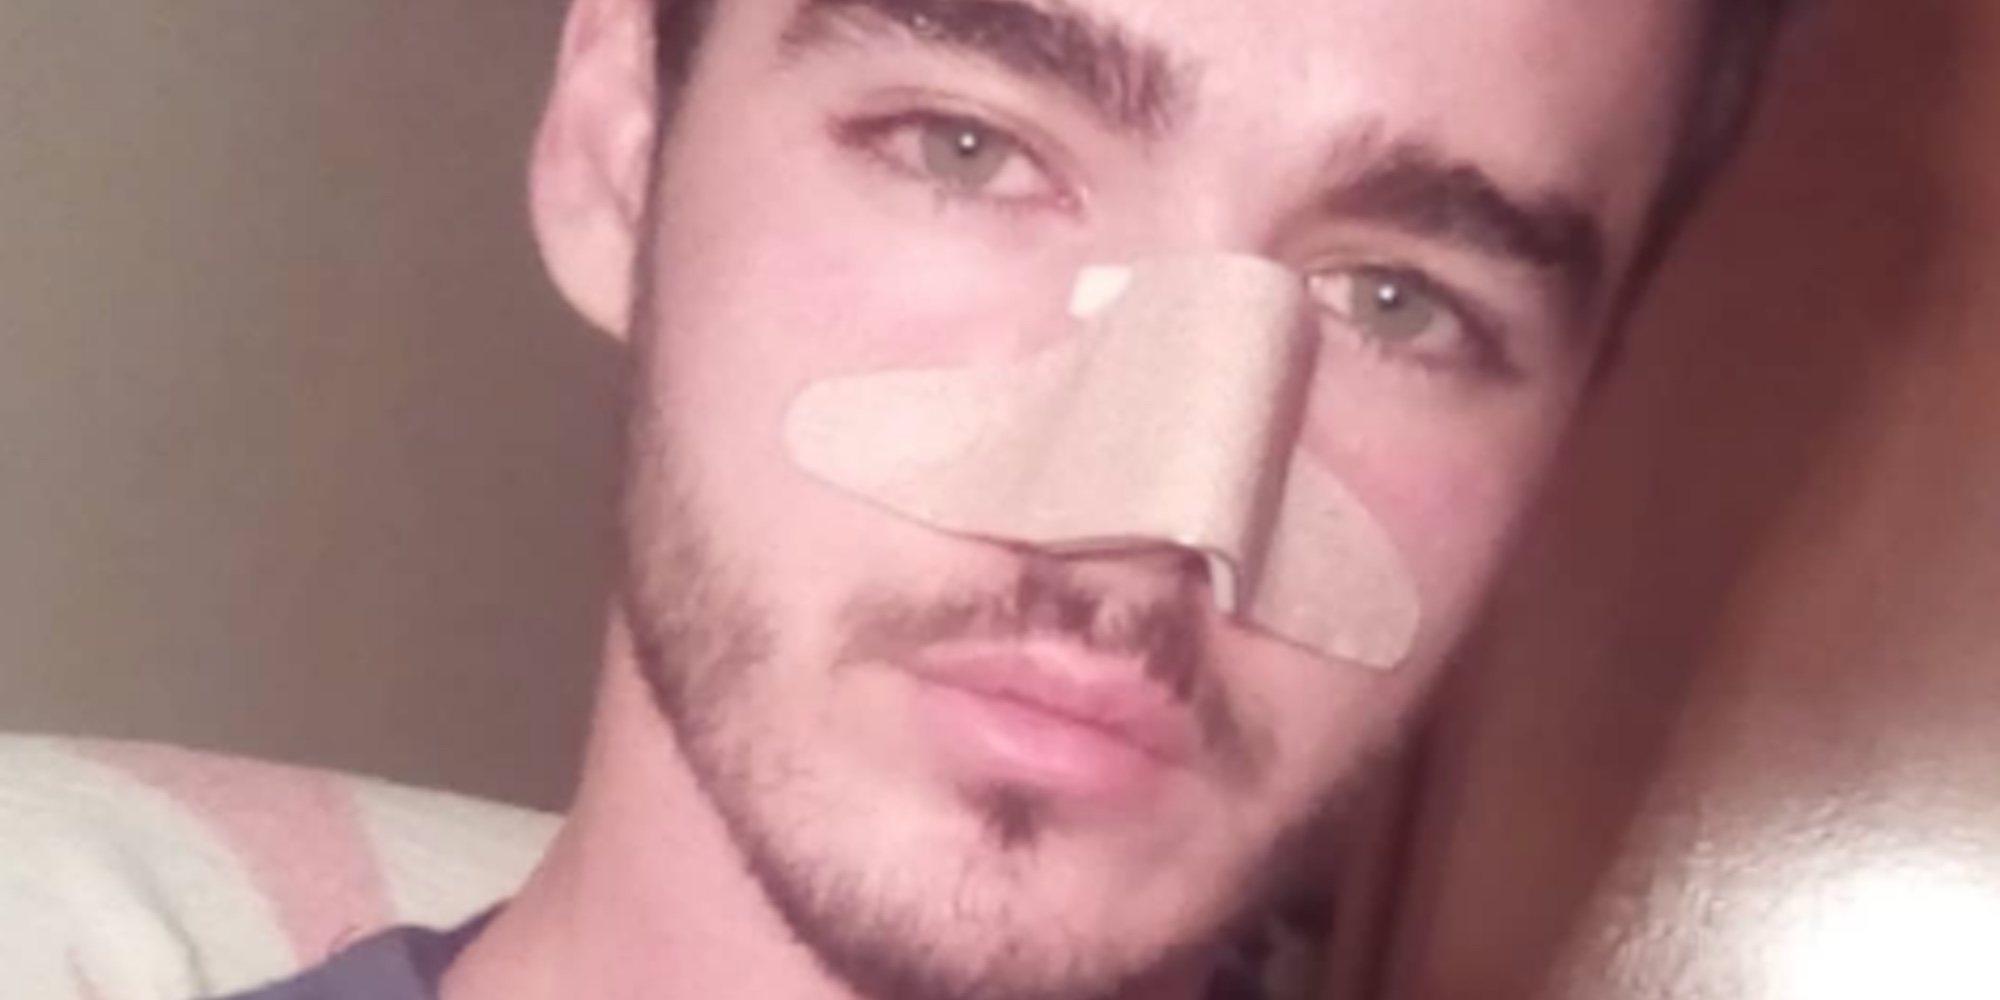 Un joven es brutalmente atacado en plena calle por cuatro menores por ser homosexual